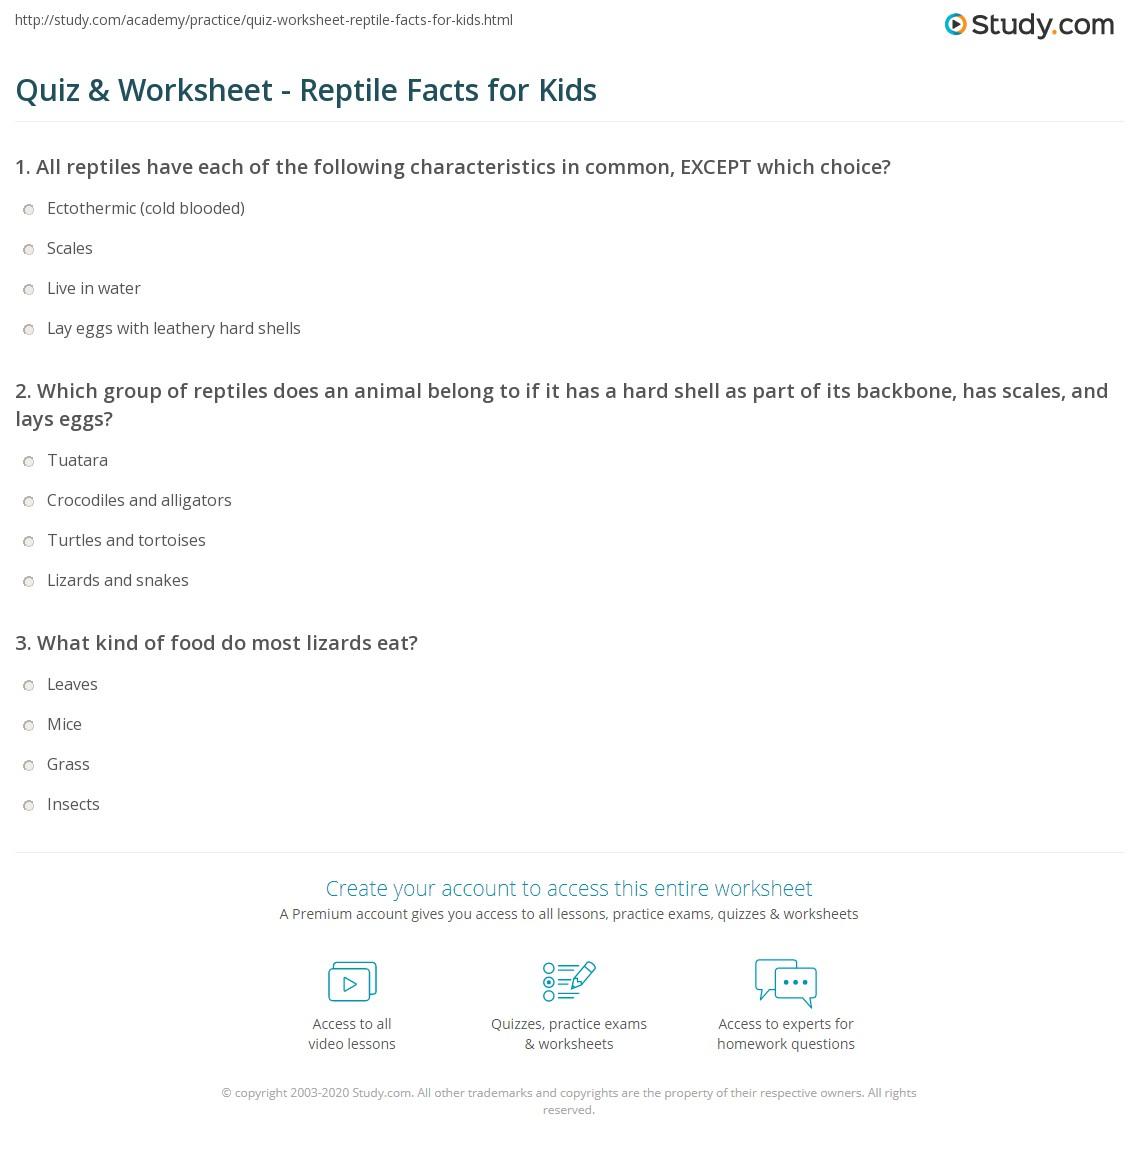 quiz worksheet reptile facts for kids. Black Bedroom Furniture Sets. Home Design Ideas